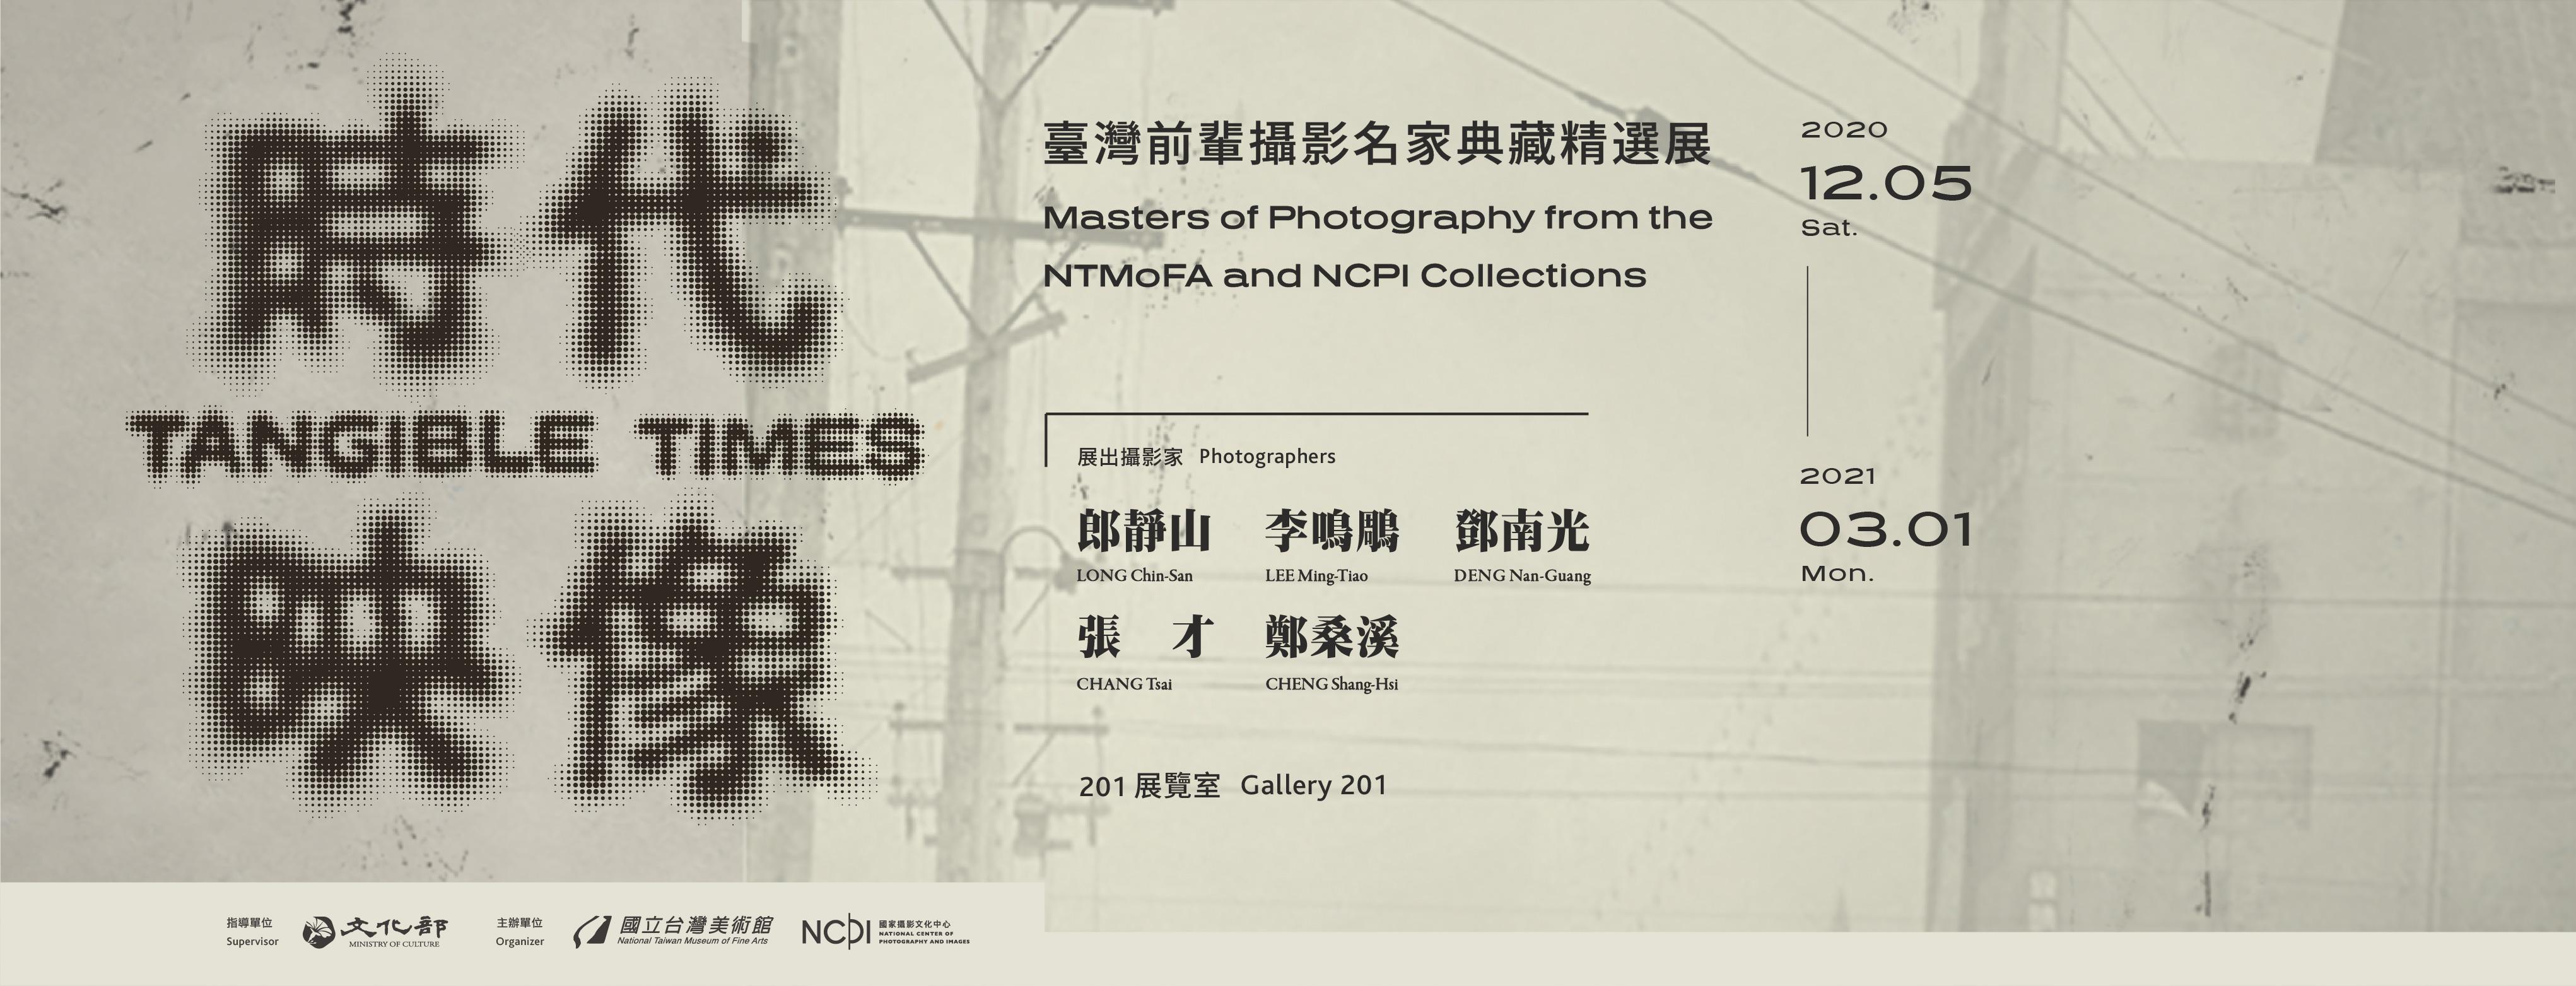 時代映像:臺灣前輩攝影名家典藏精選展「另開新視窗」